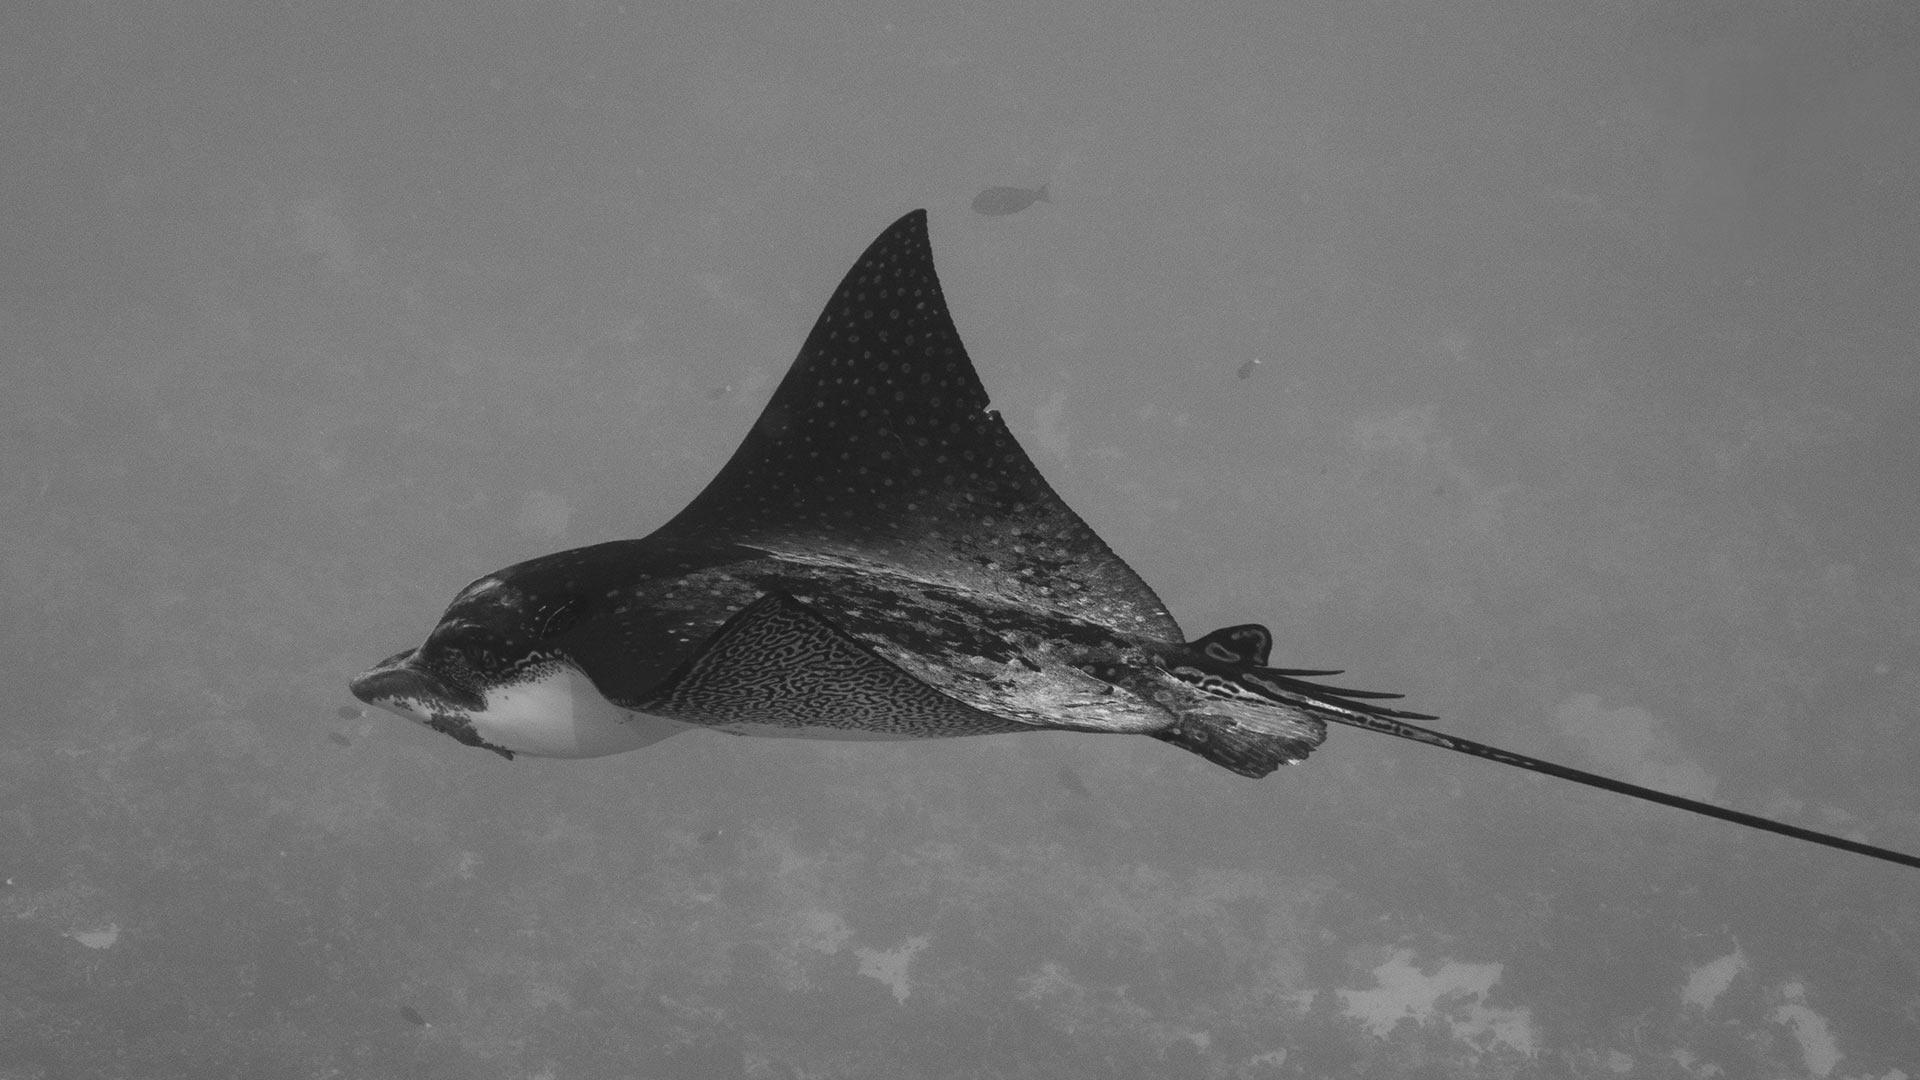 poisson en mer service de rencontres Intros pour les sites de rencontres